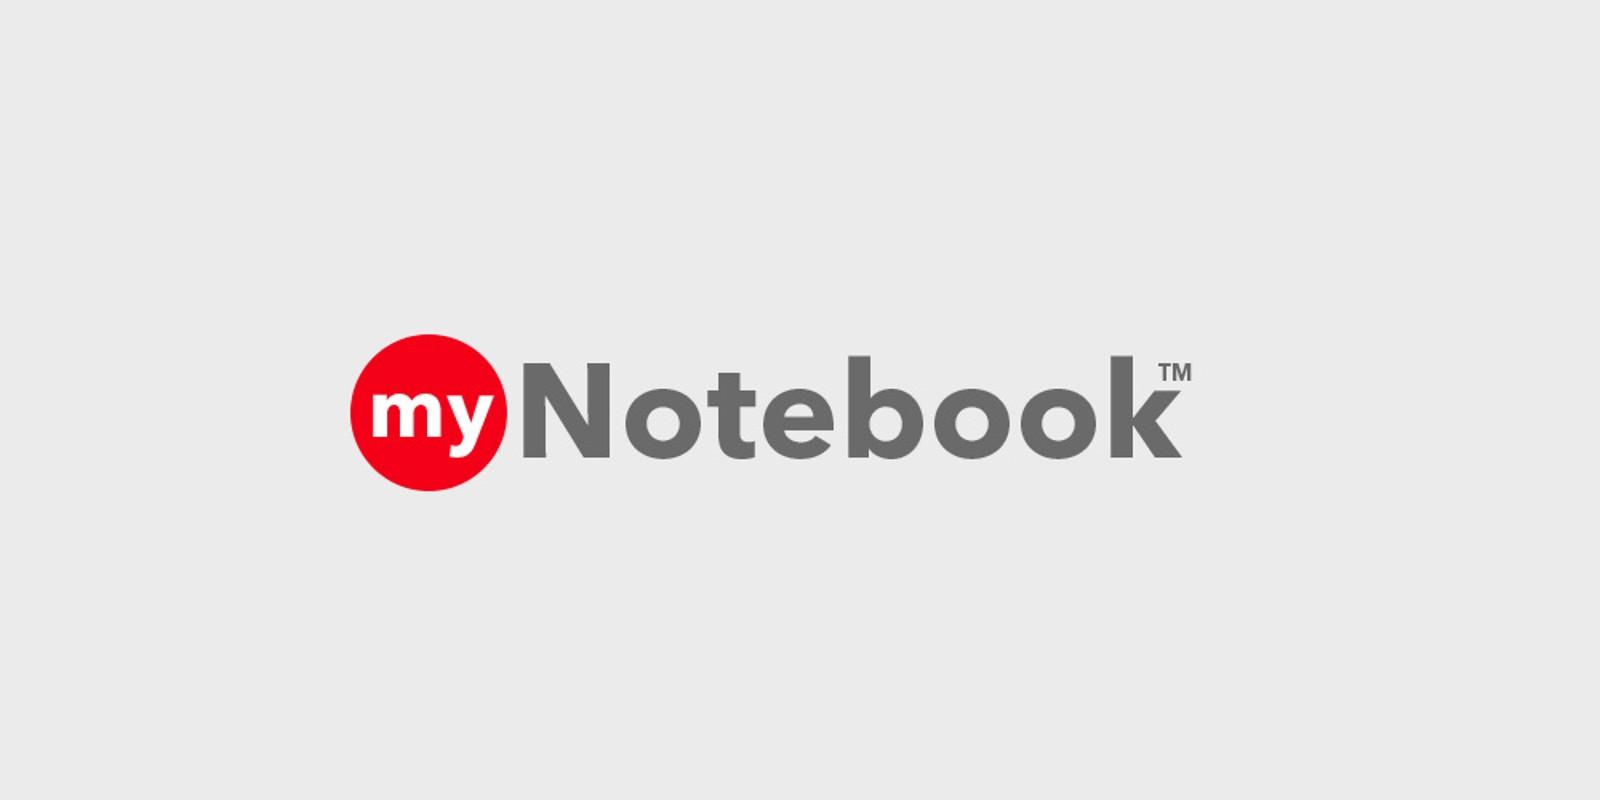 Mynotebook Red